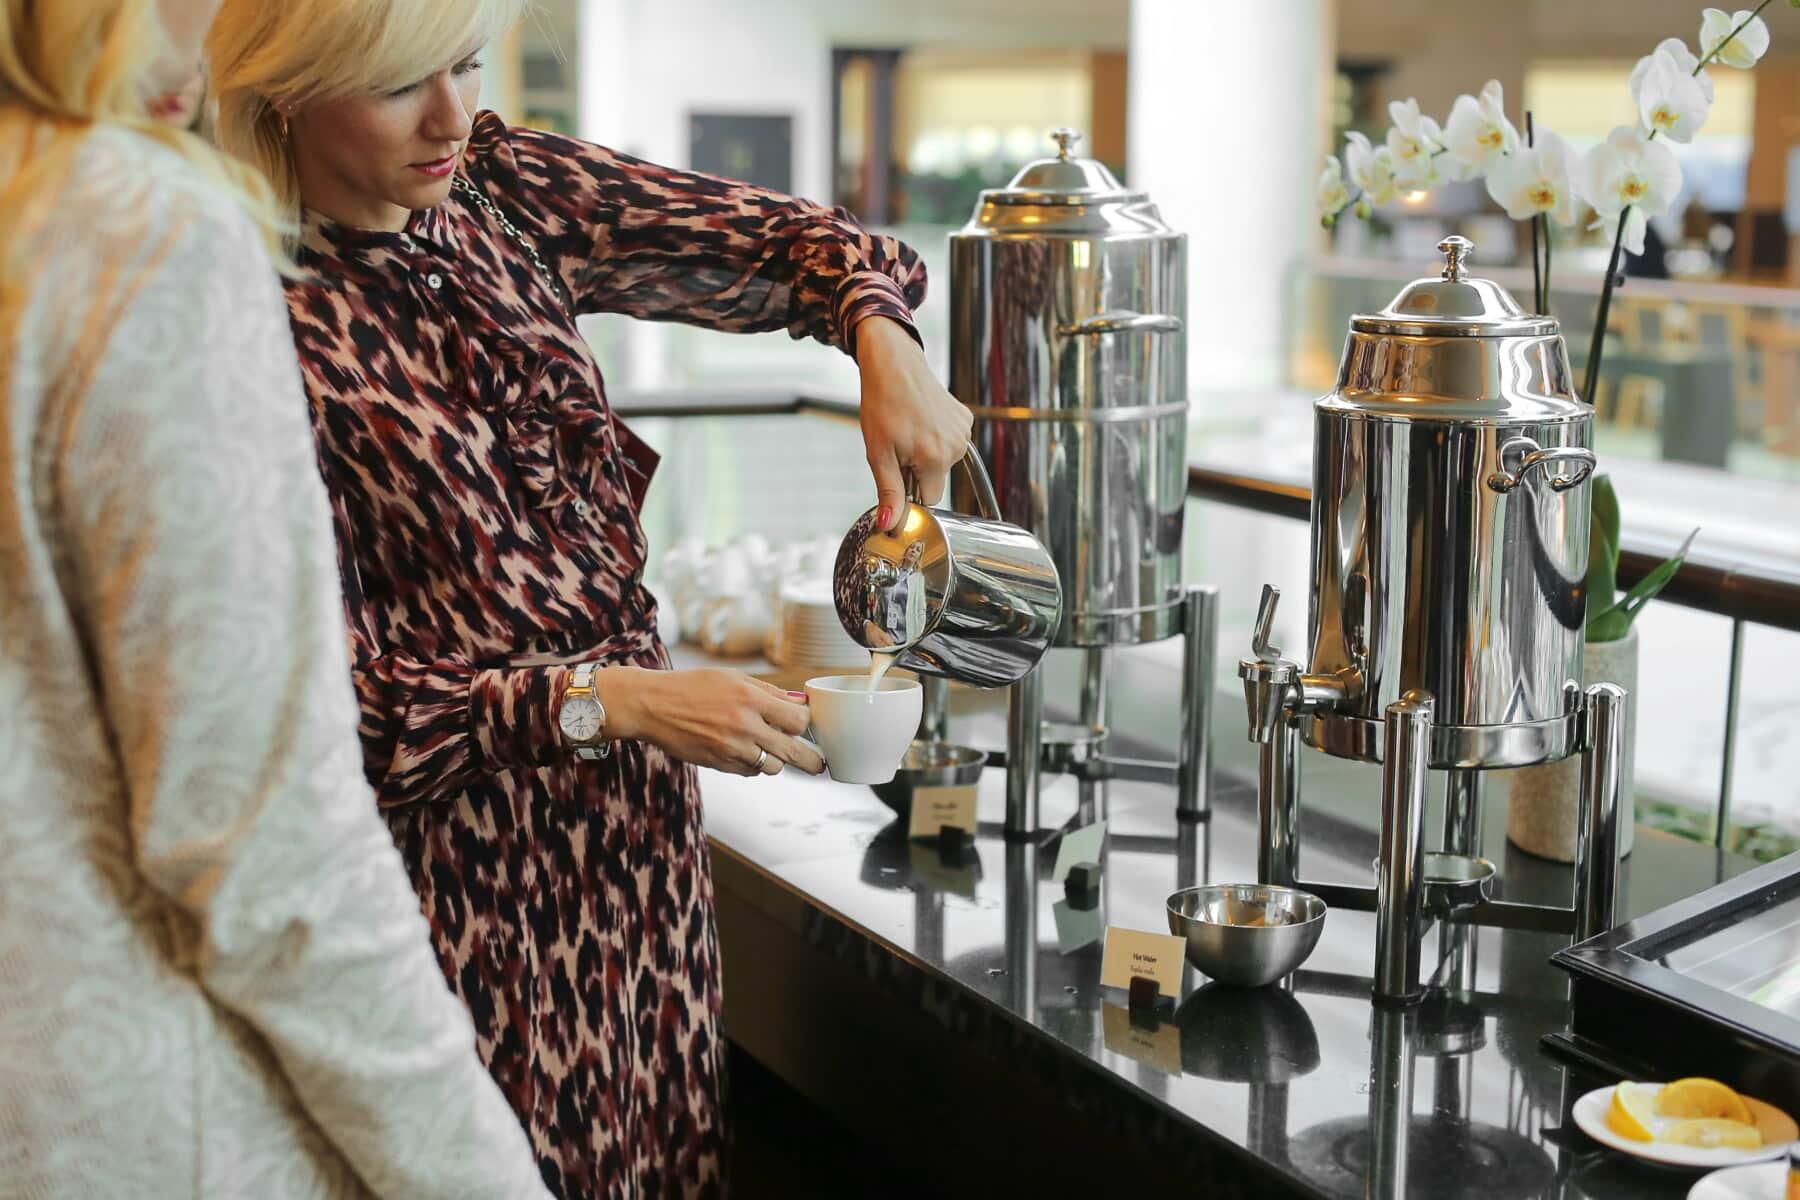 Kaffeetasse, Kaffee, Küchentisch, Geschirr, Küche, elegant, Frauen, Lust auf, drinnen, Frau